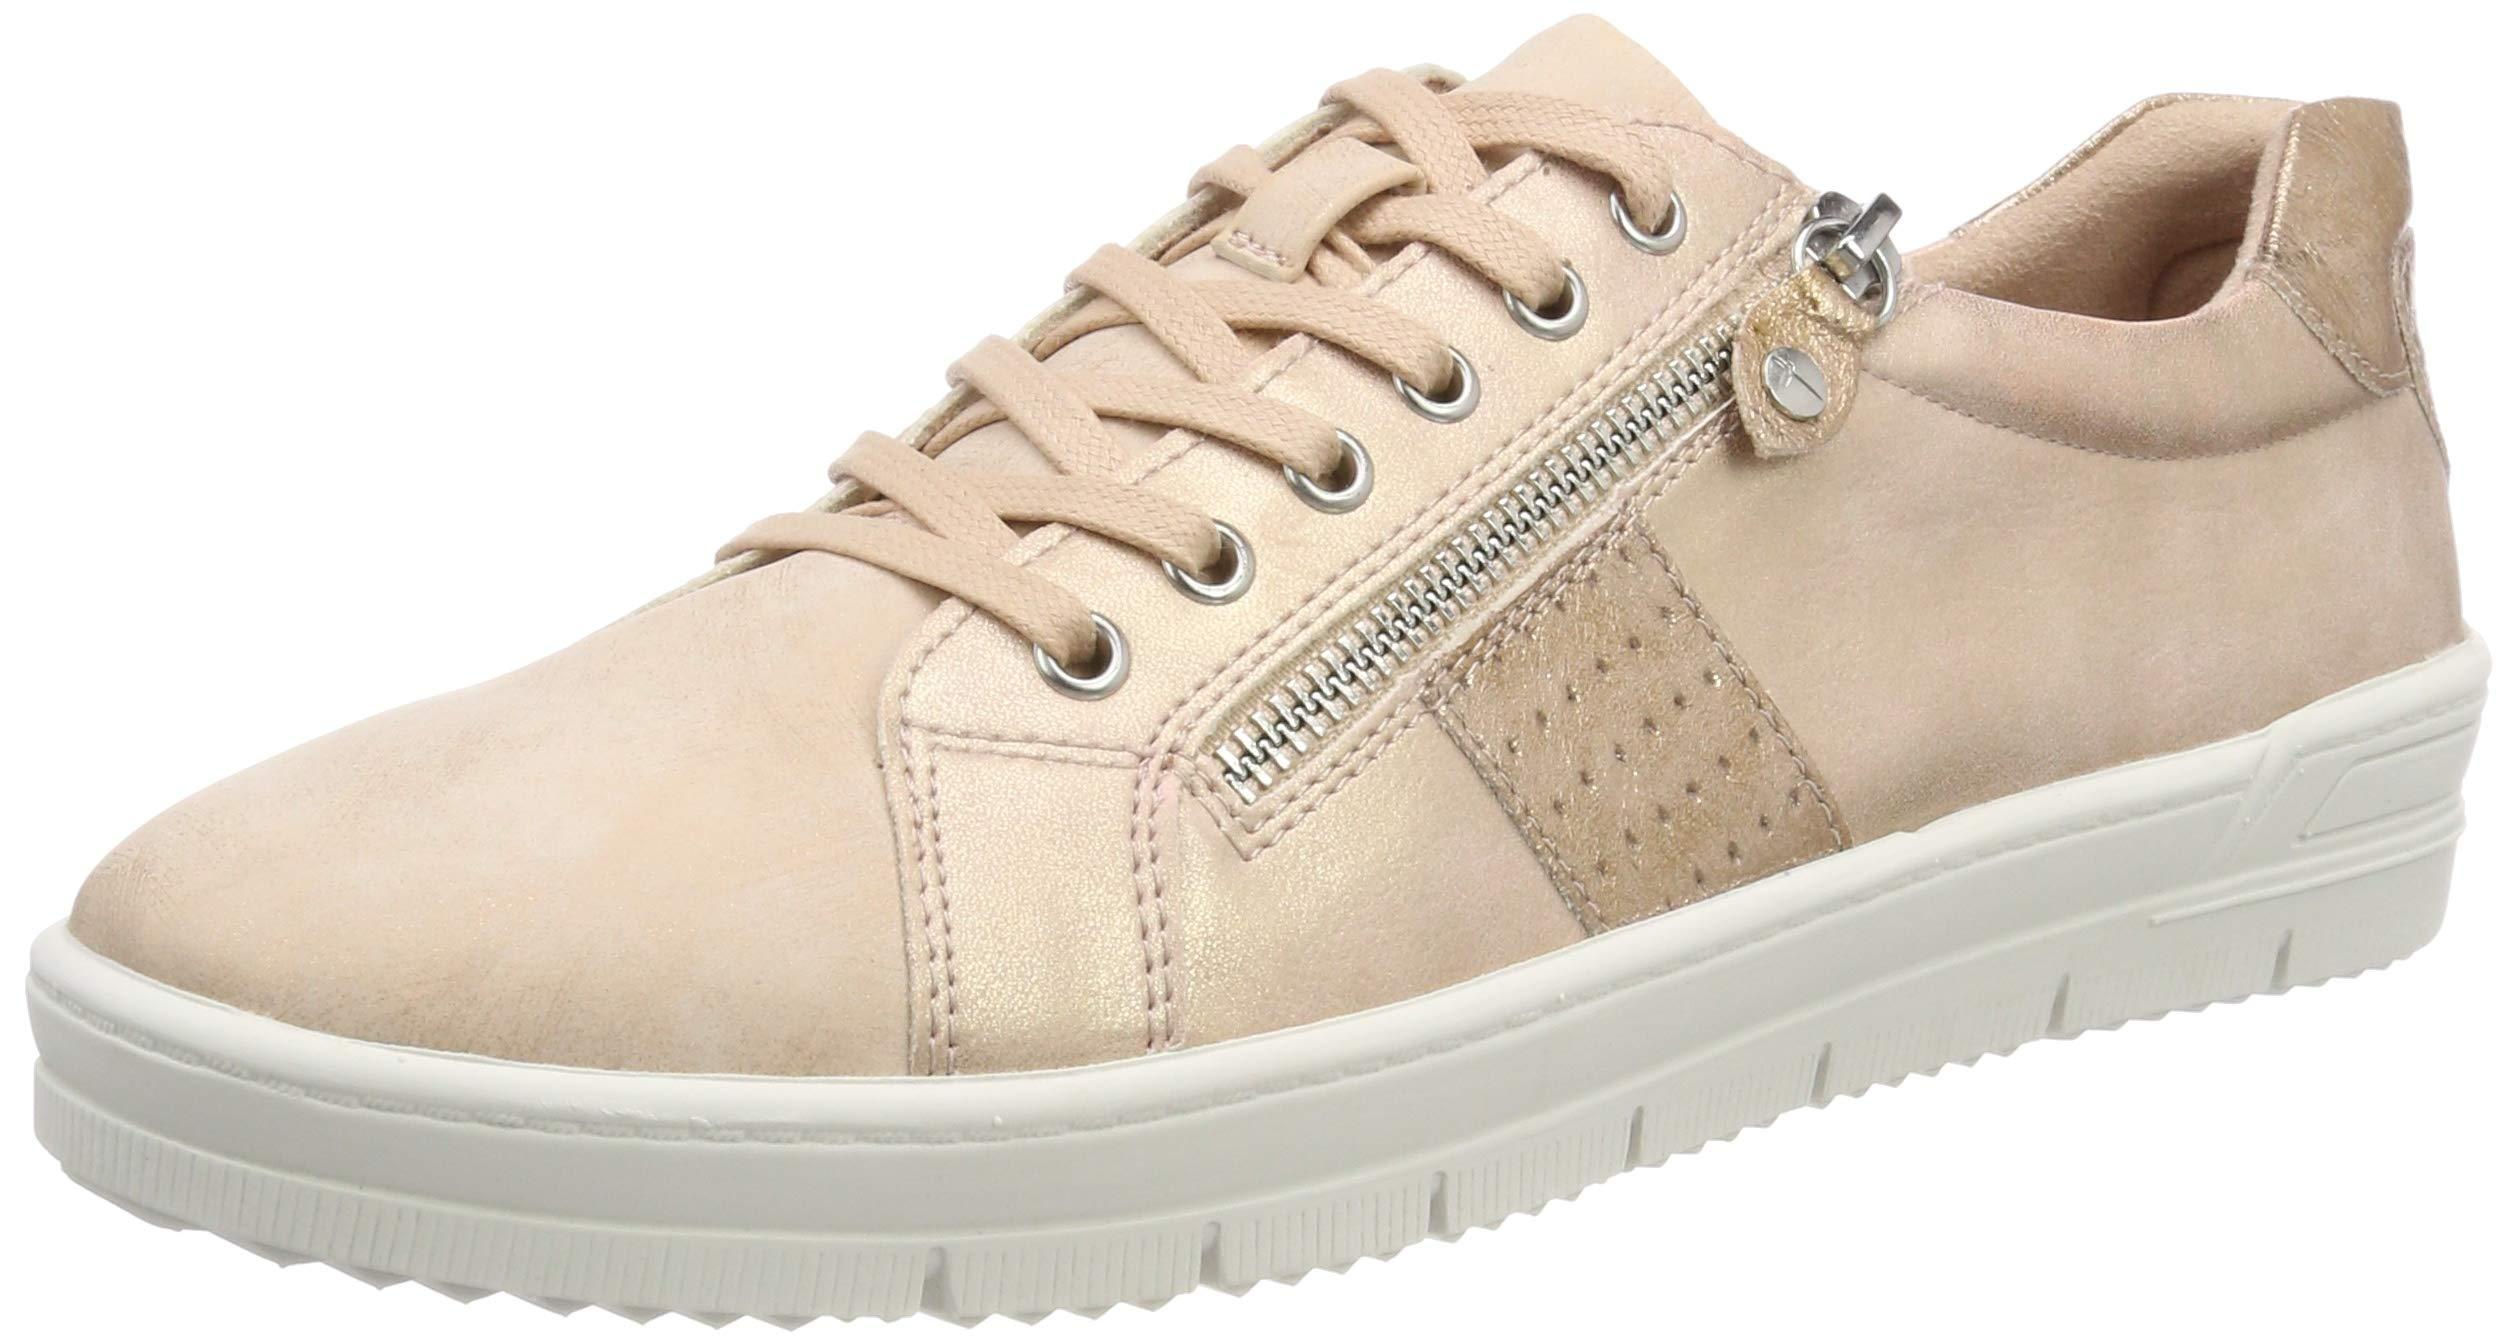 1 Eu 1 Basses Femmerose Tamaris 23605 22Sneakers 59639 Comb 4RL5Aj